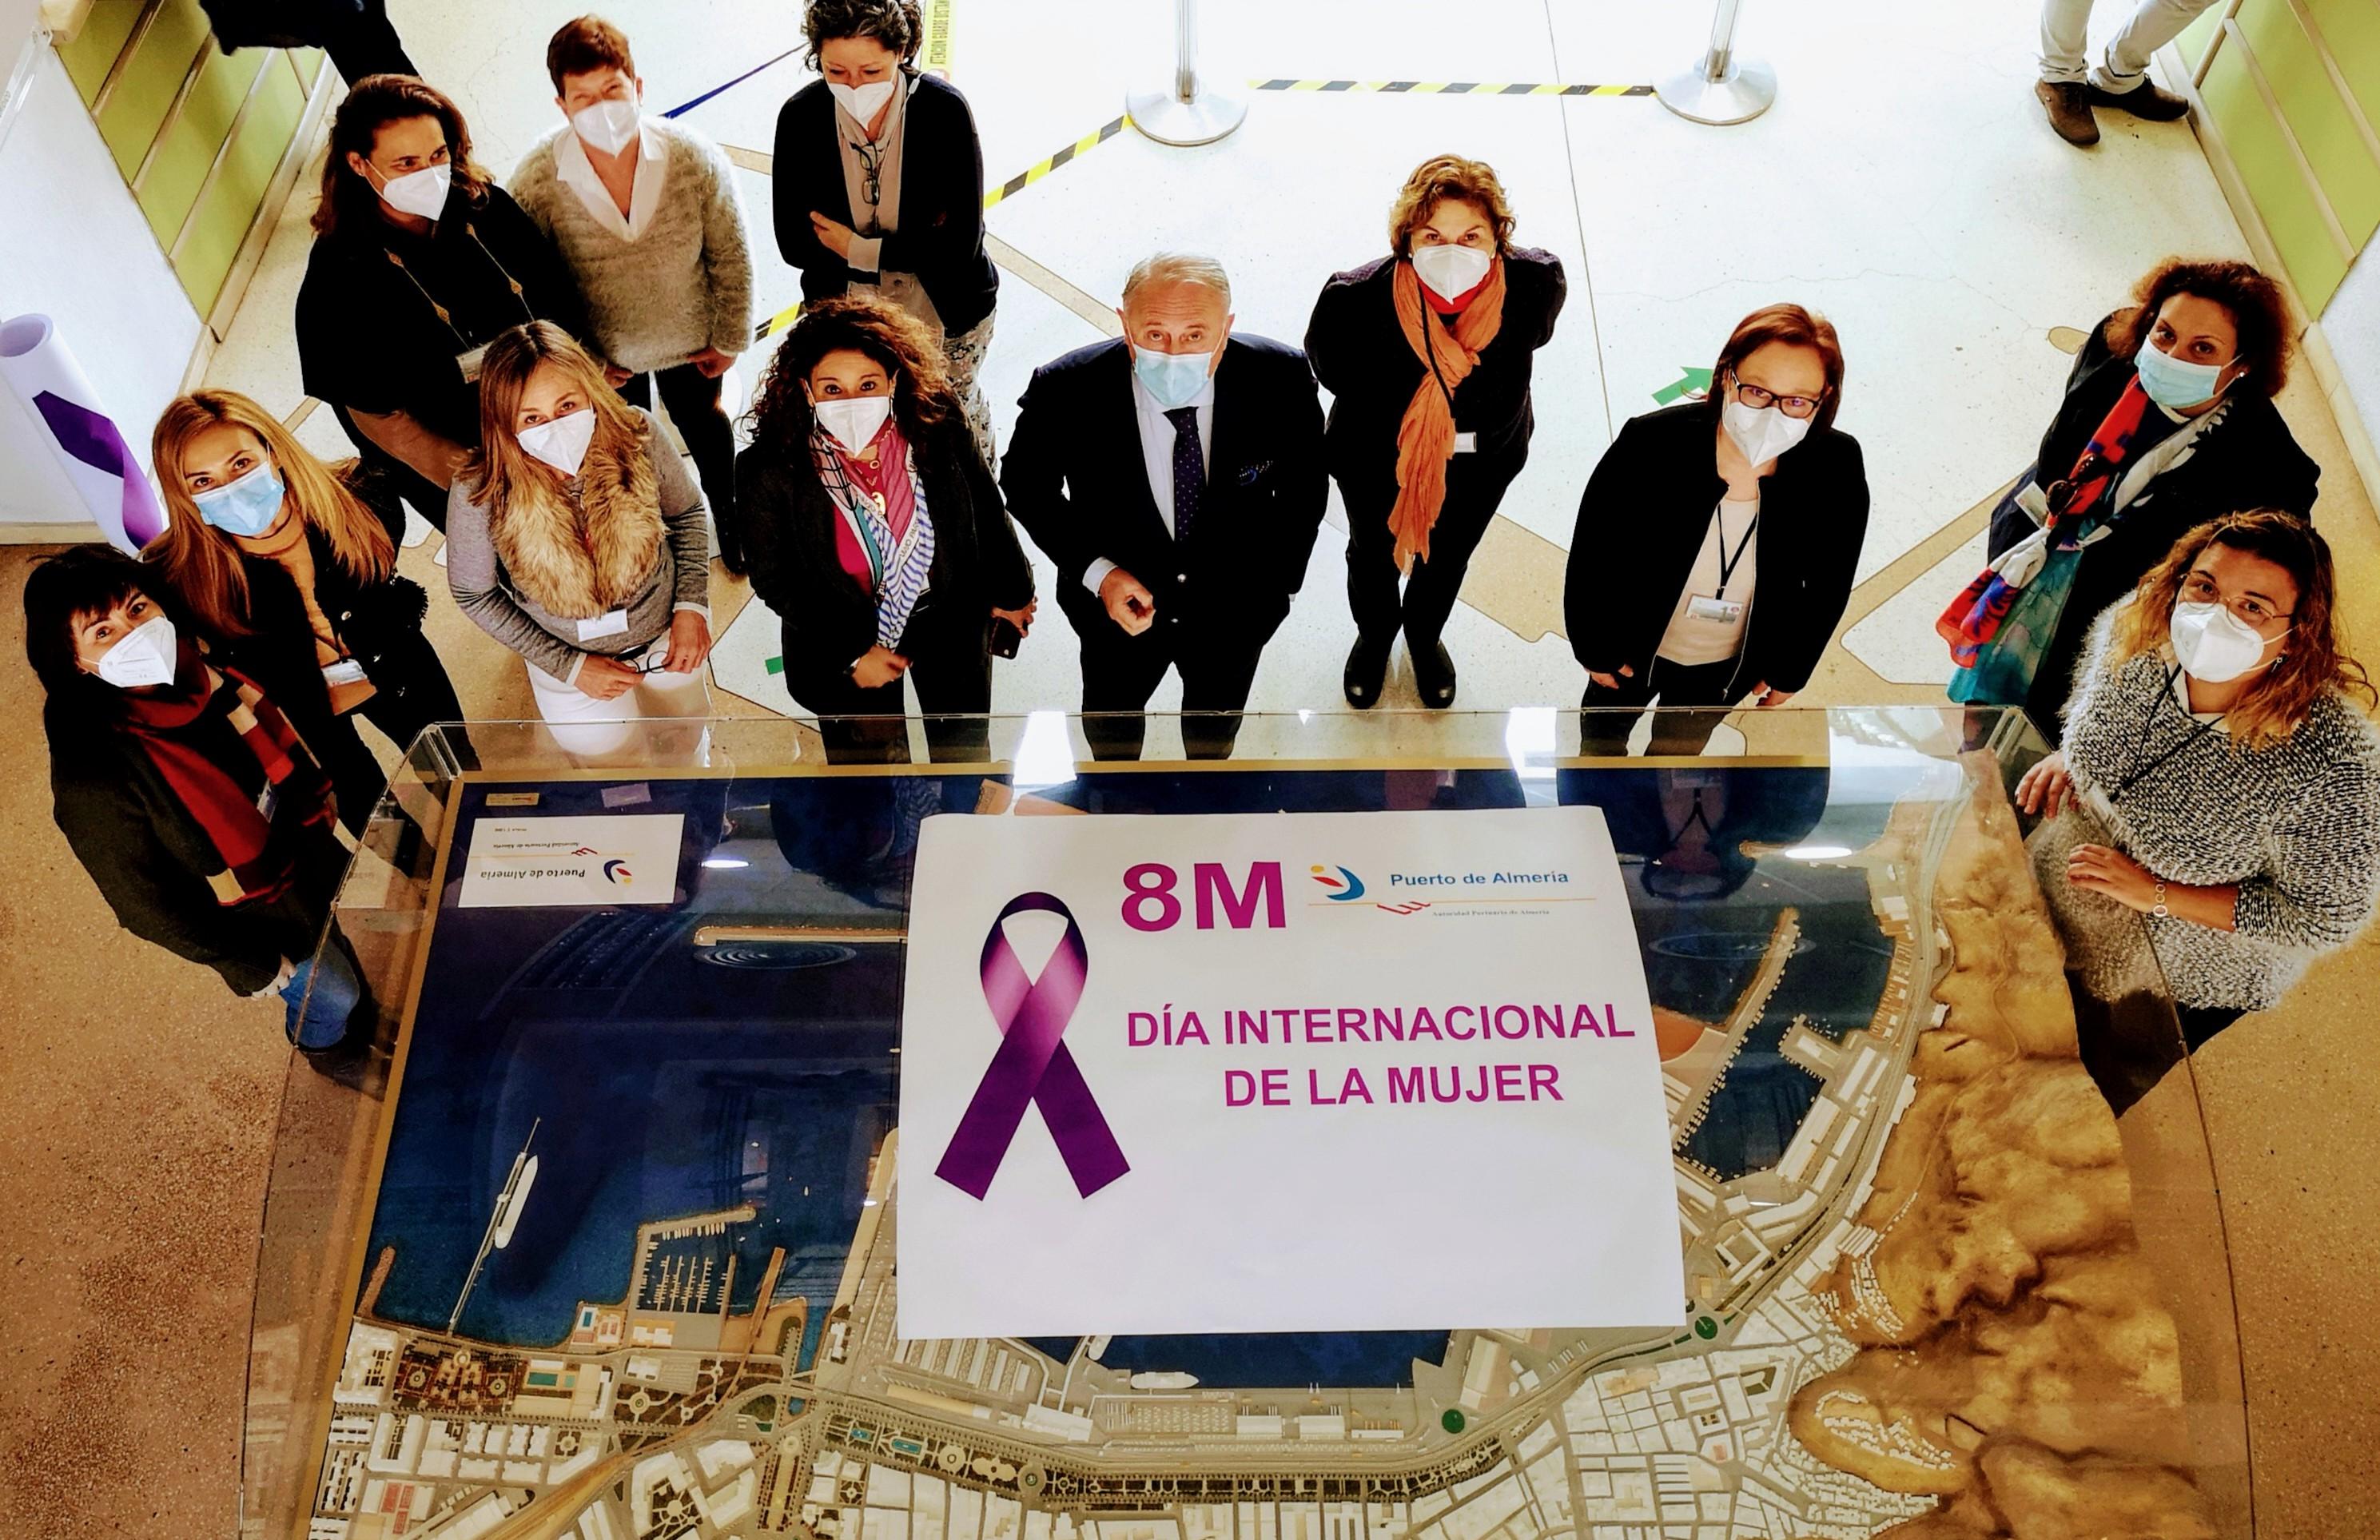 La Autoridad Portuaria de Almería homenajea a las mujeres en su Día Internacional